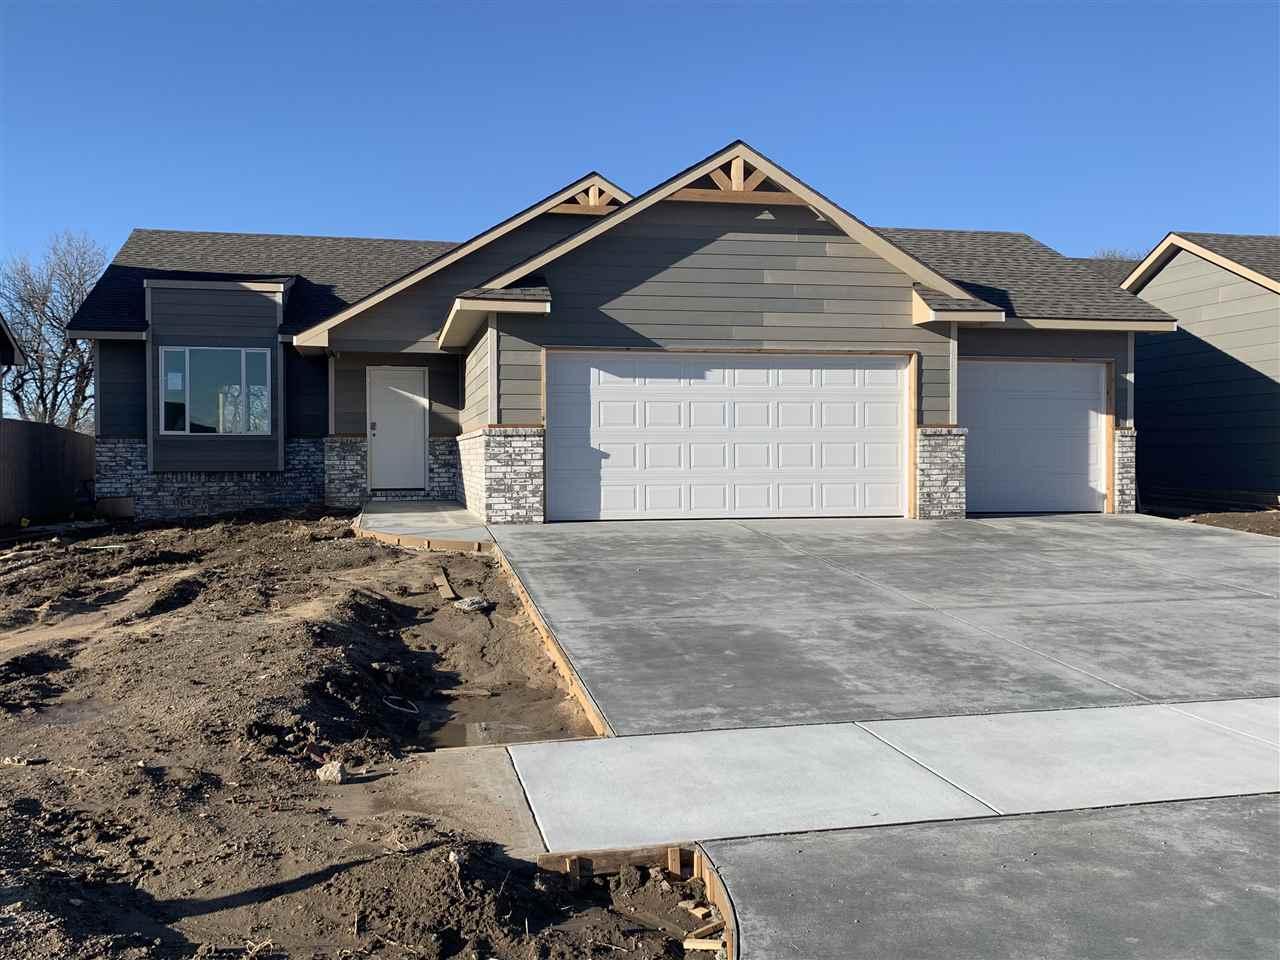 3102 W 43rd St S, Wichita, KS, 67217